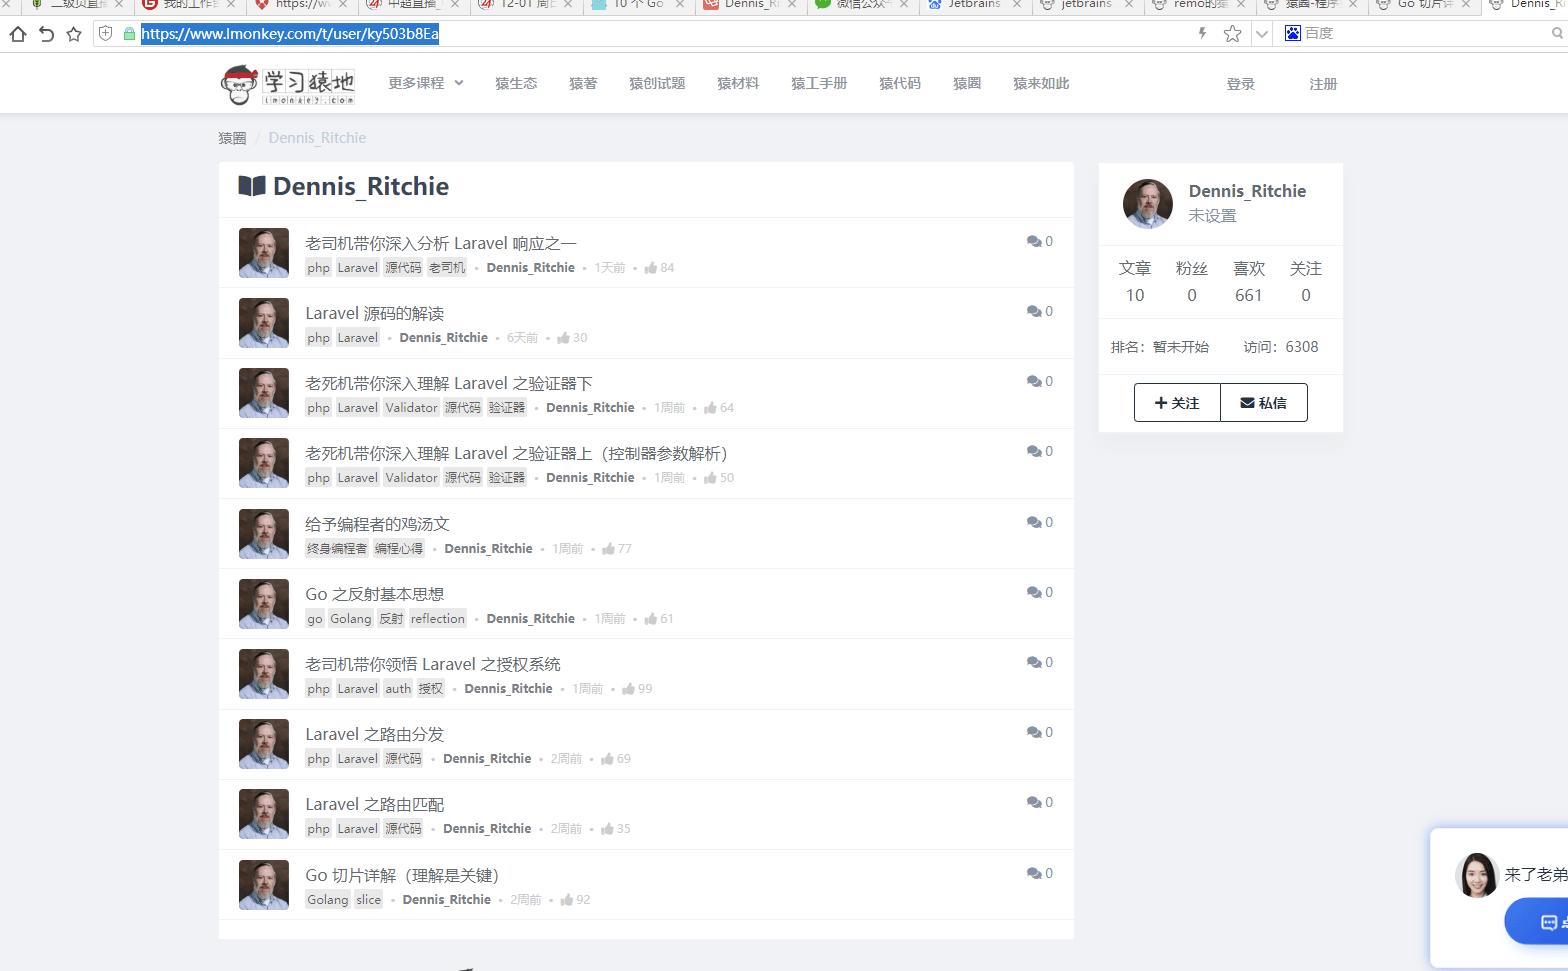 震惊,某培训机构网站,居然爬取 learnku 所有用户的博客